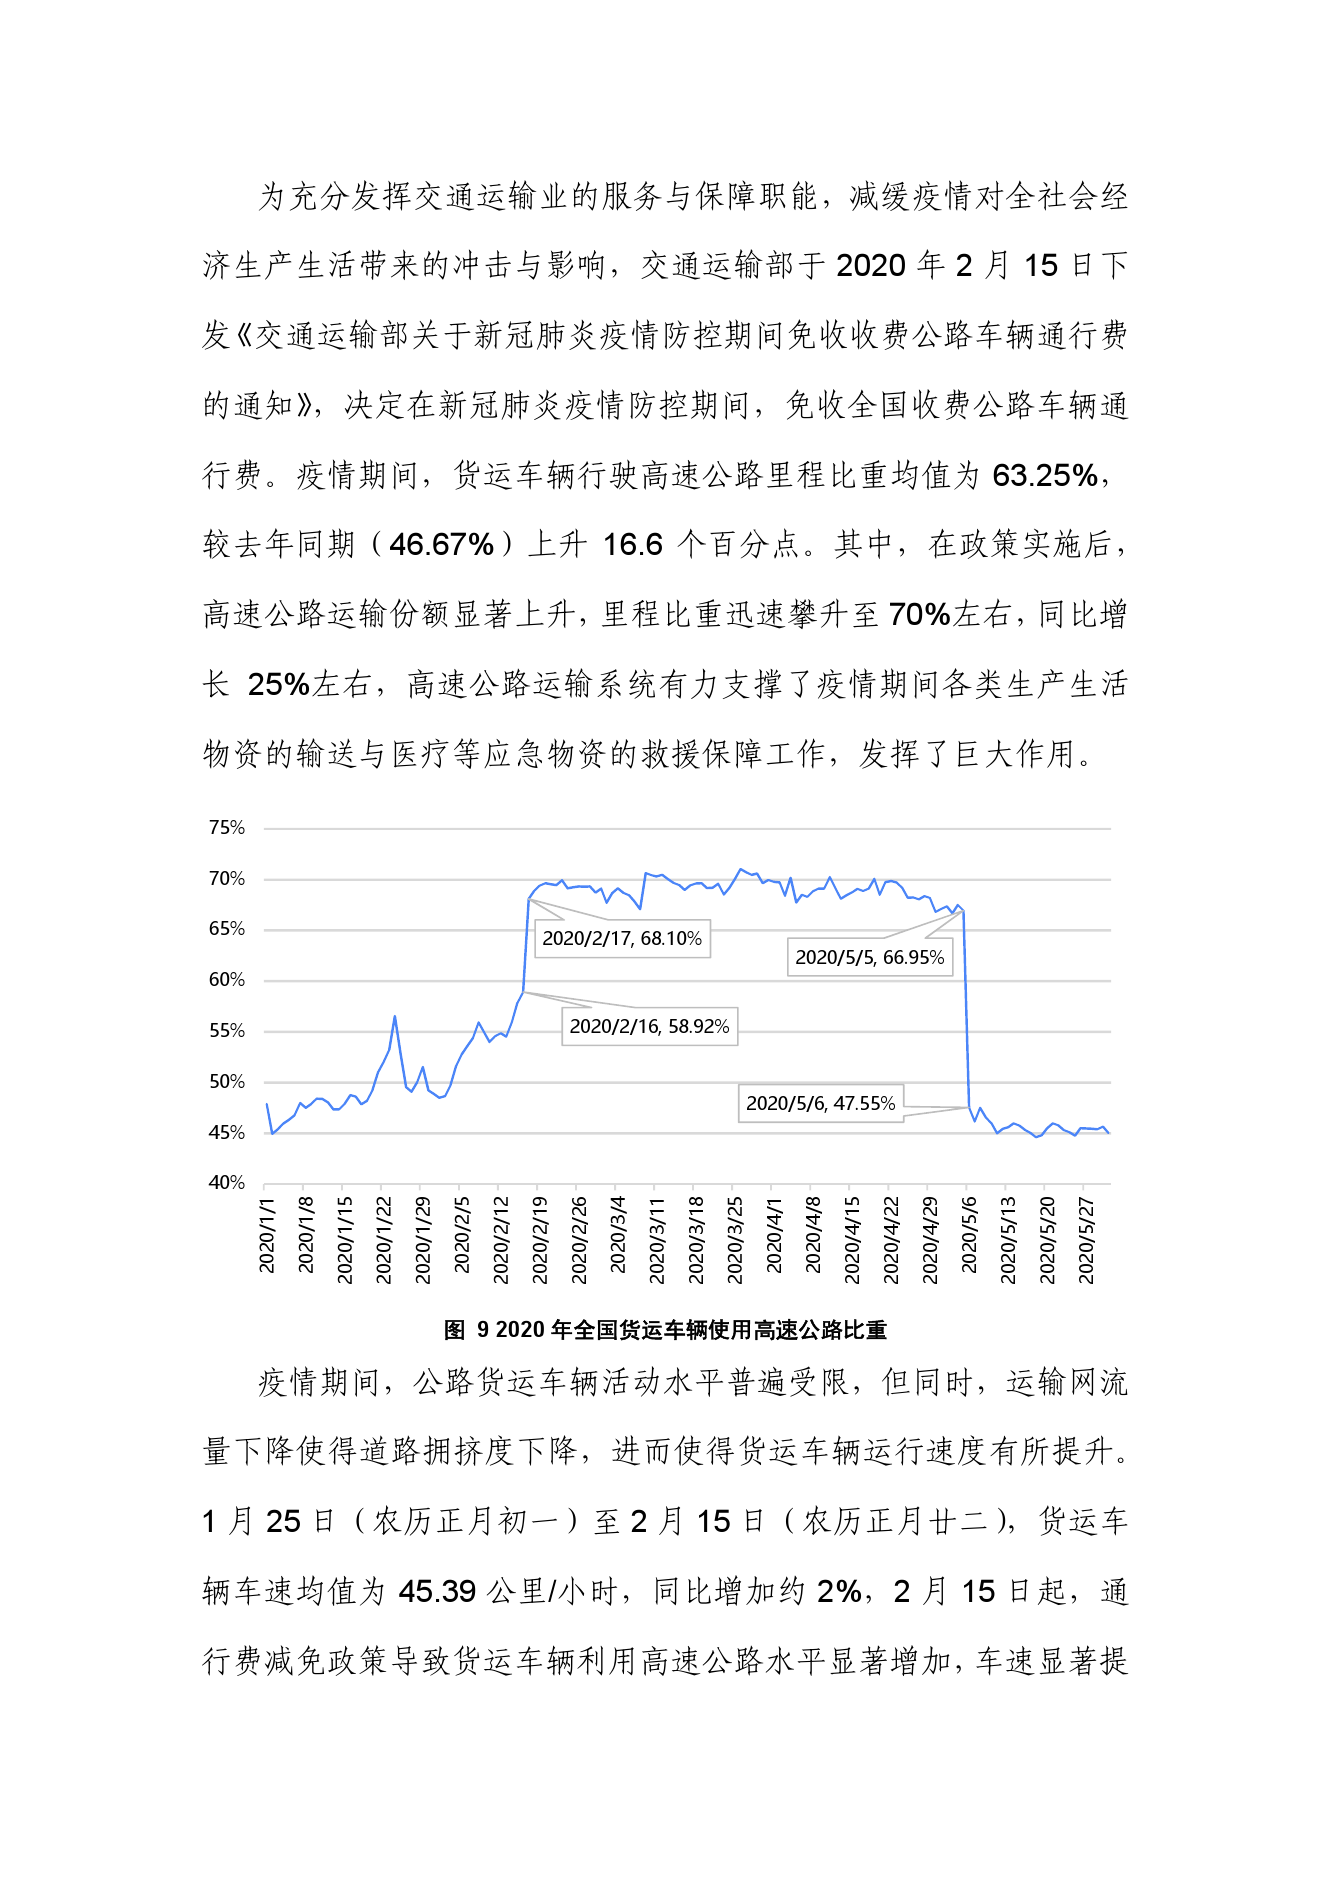 长安大学:中国公路货运疫情影响分析简报(可下载报告)插图(23)